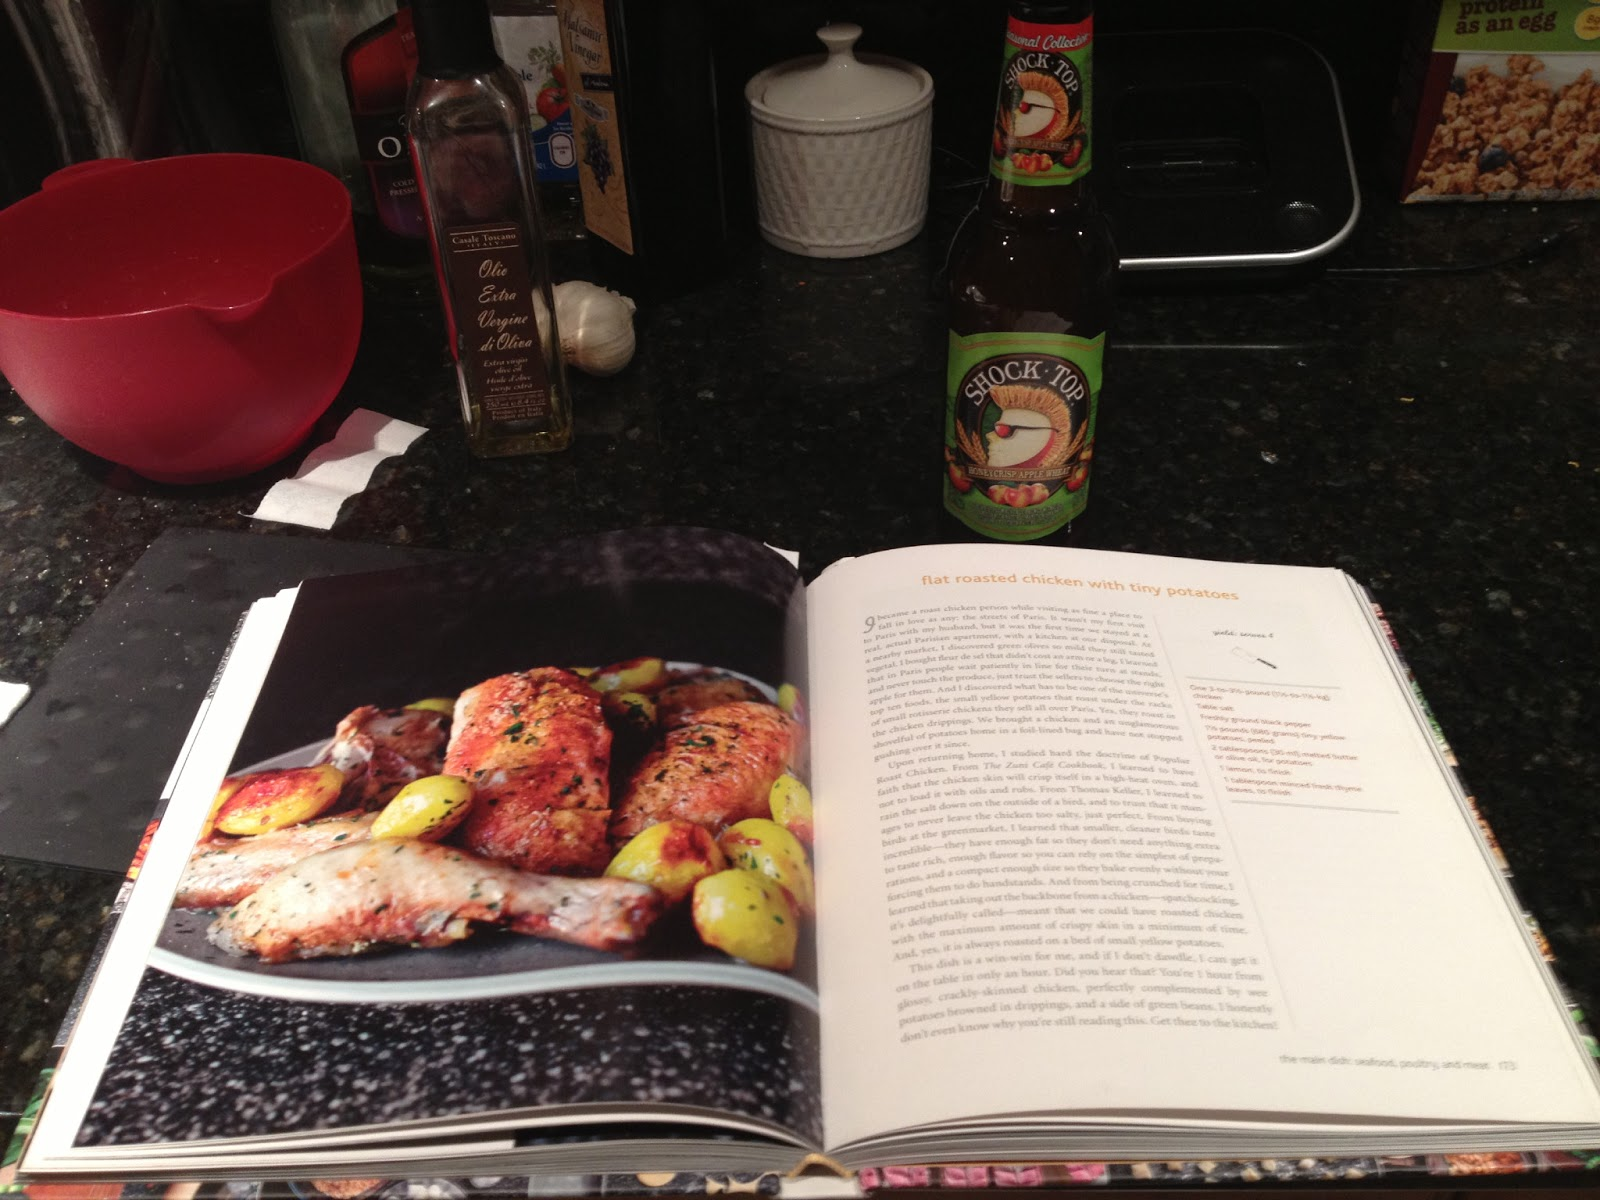 Smitten Kitchen Chicken Cookbook